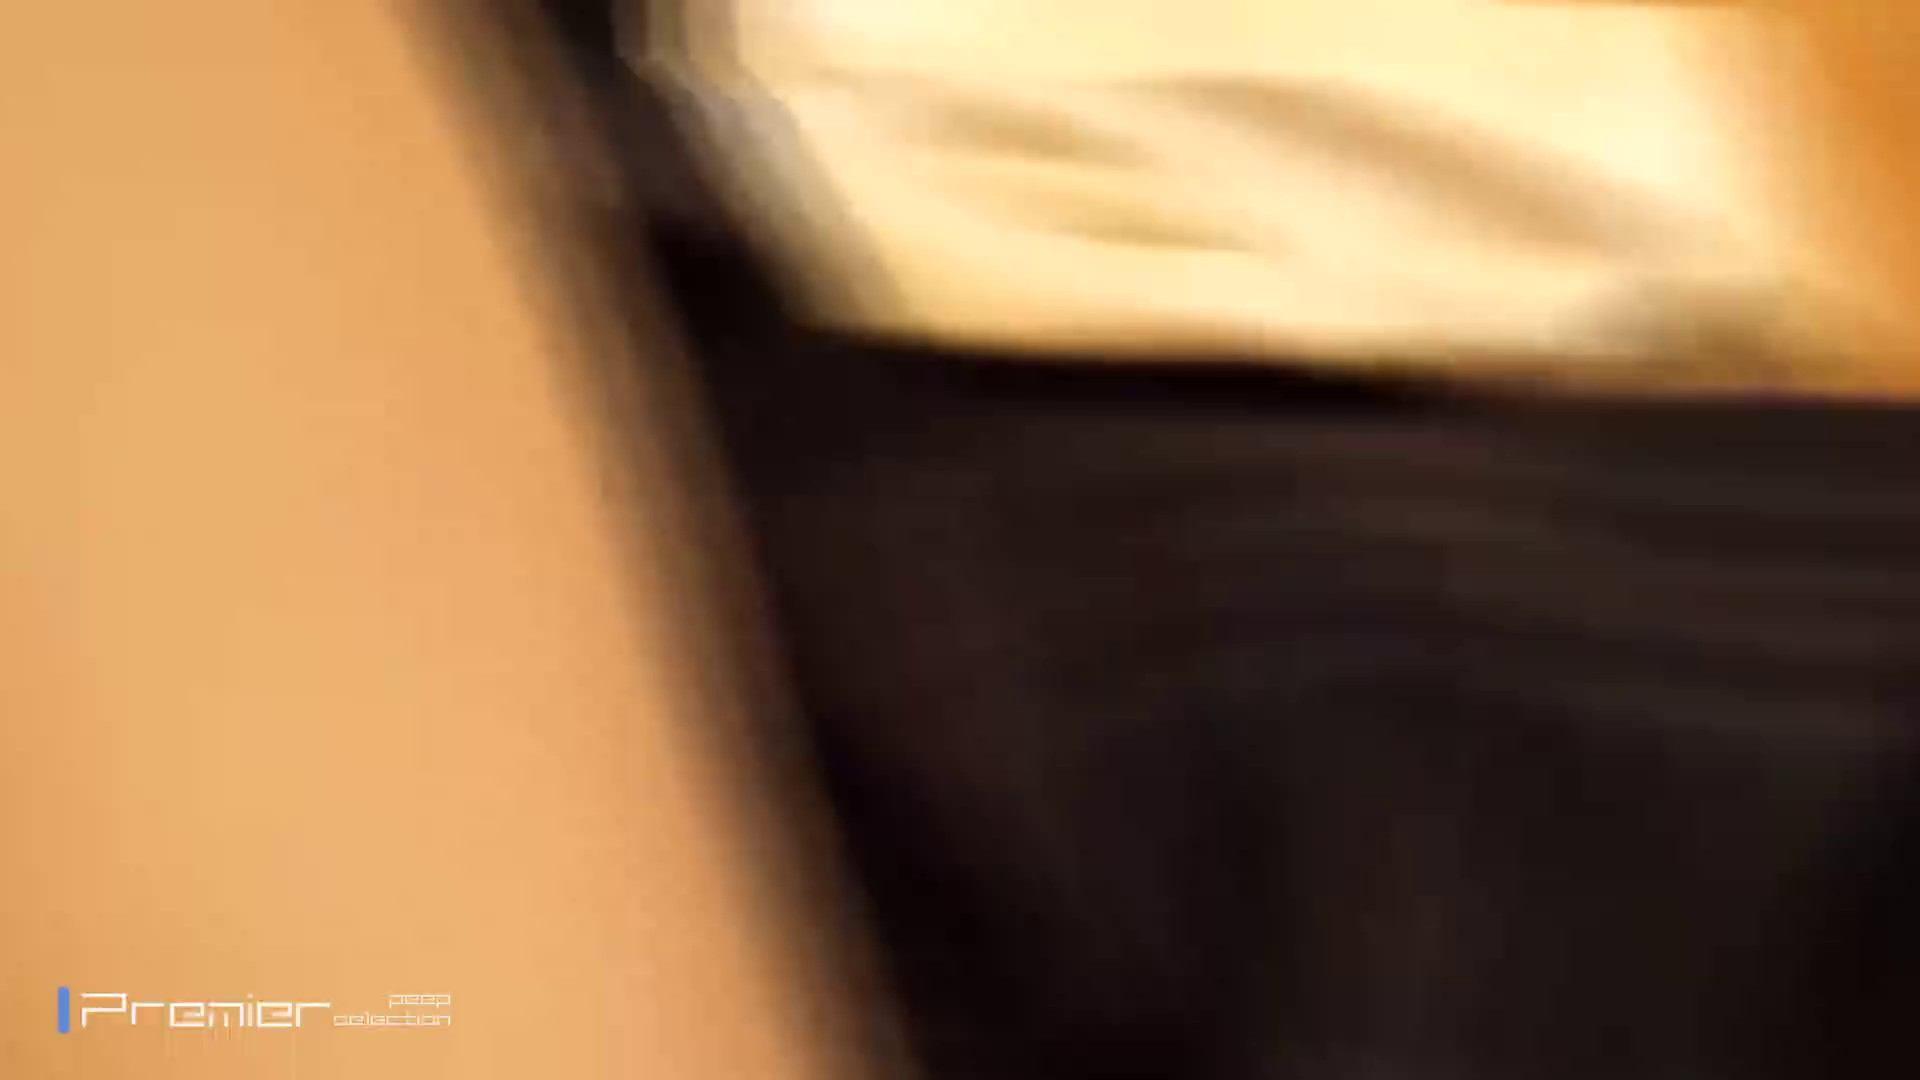 禁断の忍者 Vol.03 フルハイビジョンK制月反性行 セックス 性交動画流出 110枚 106